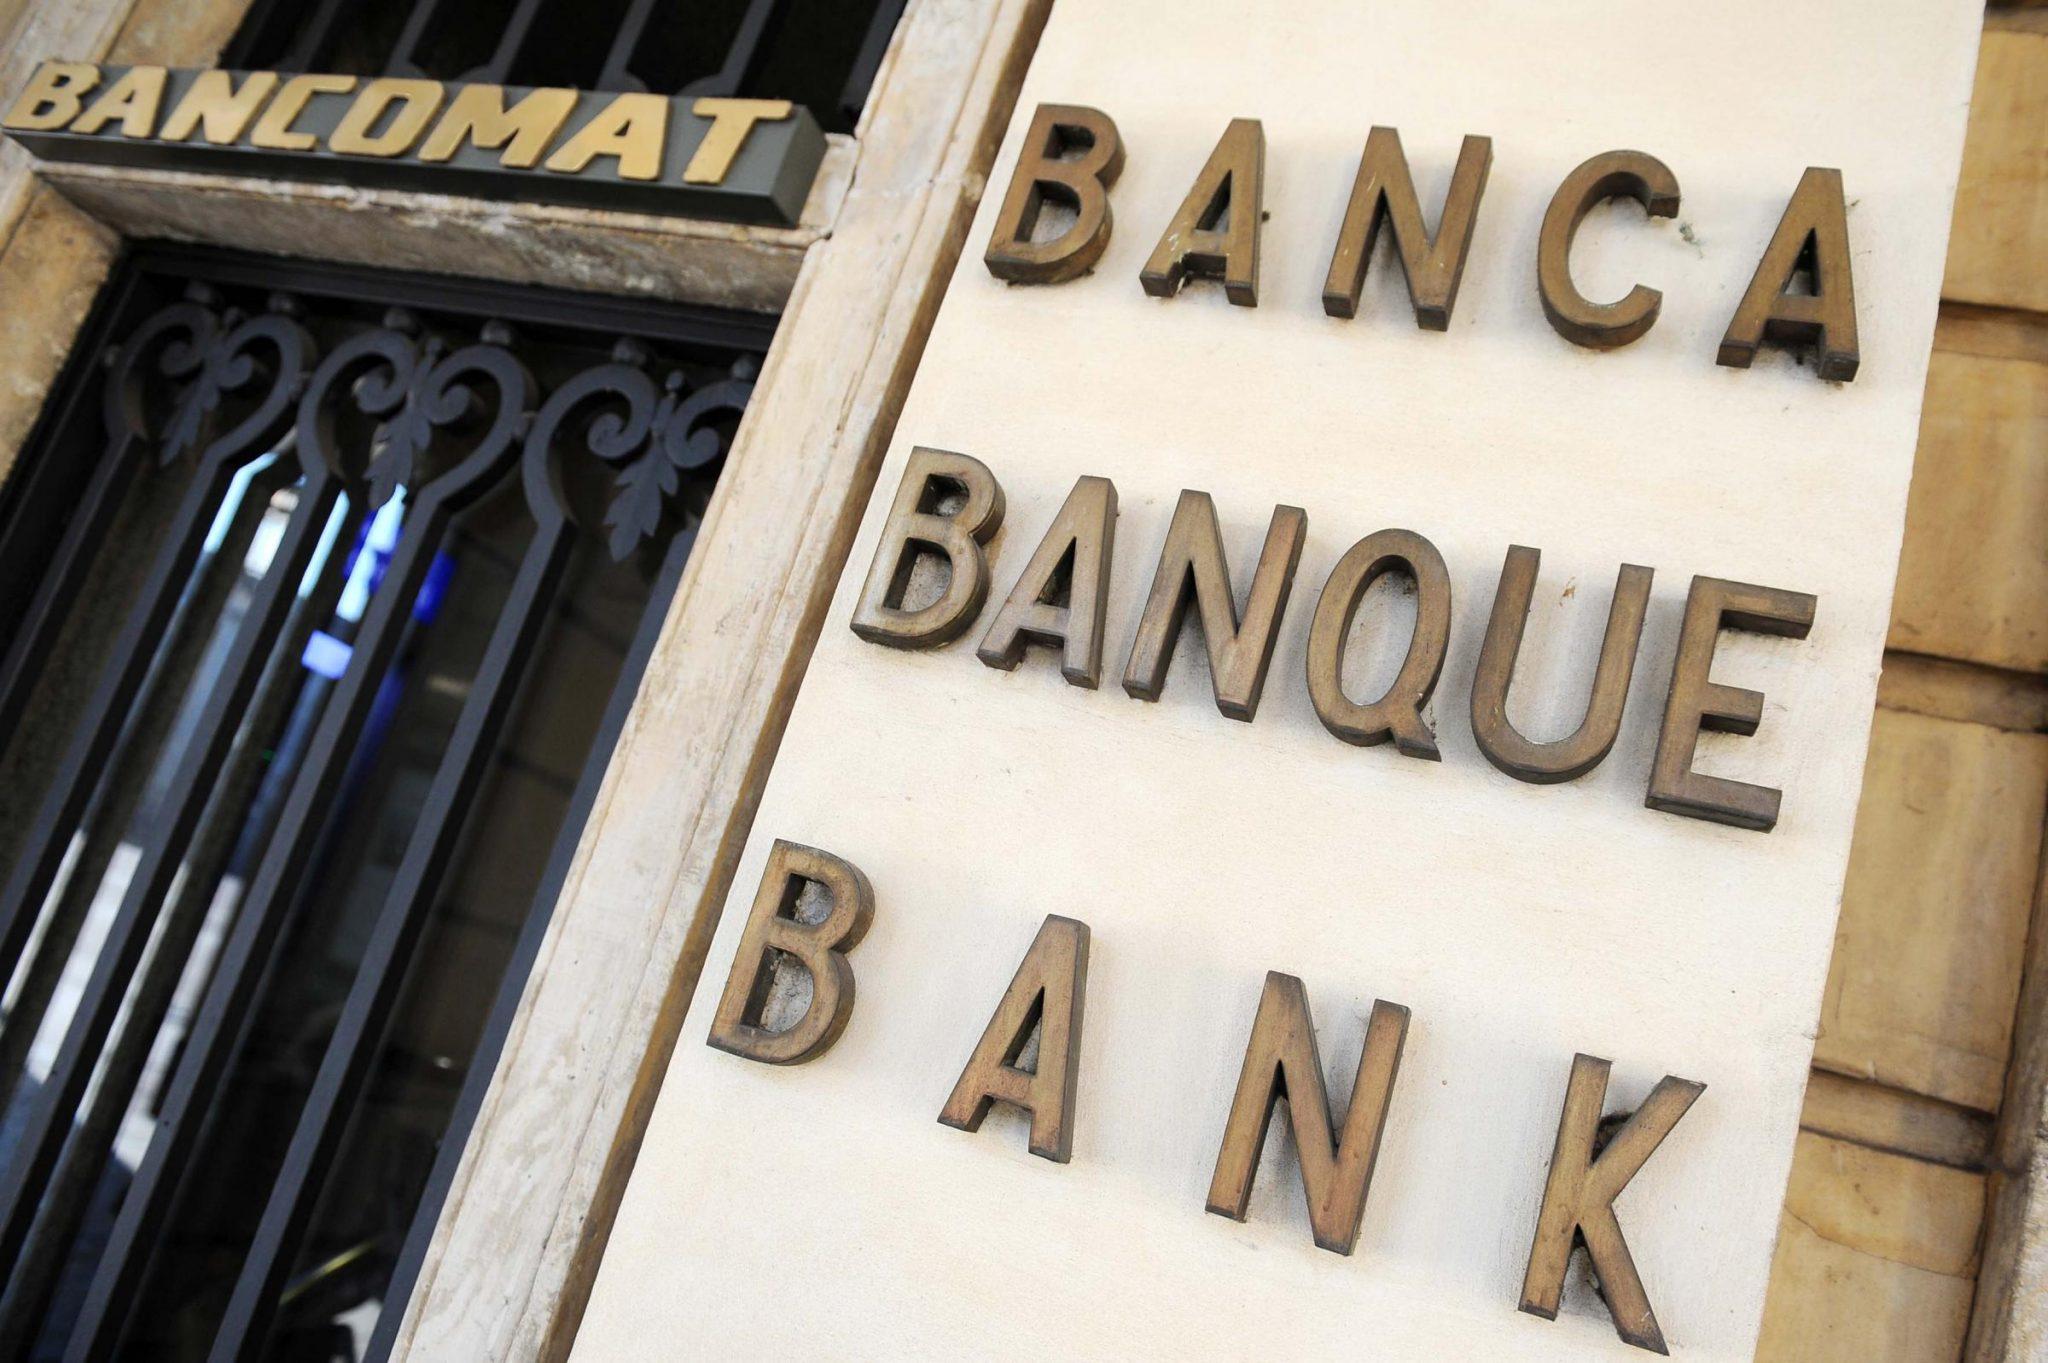 Scegliere la banca: oggi decidono gli utenti con ScegliBanche.it